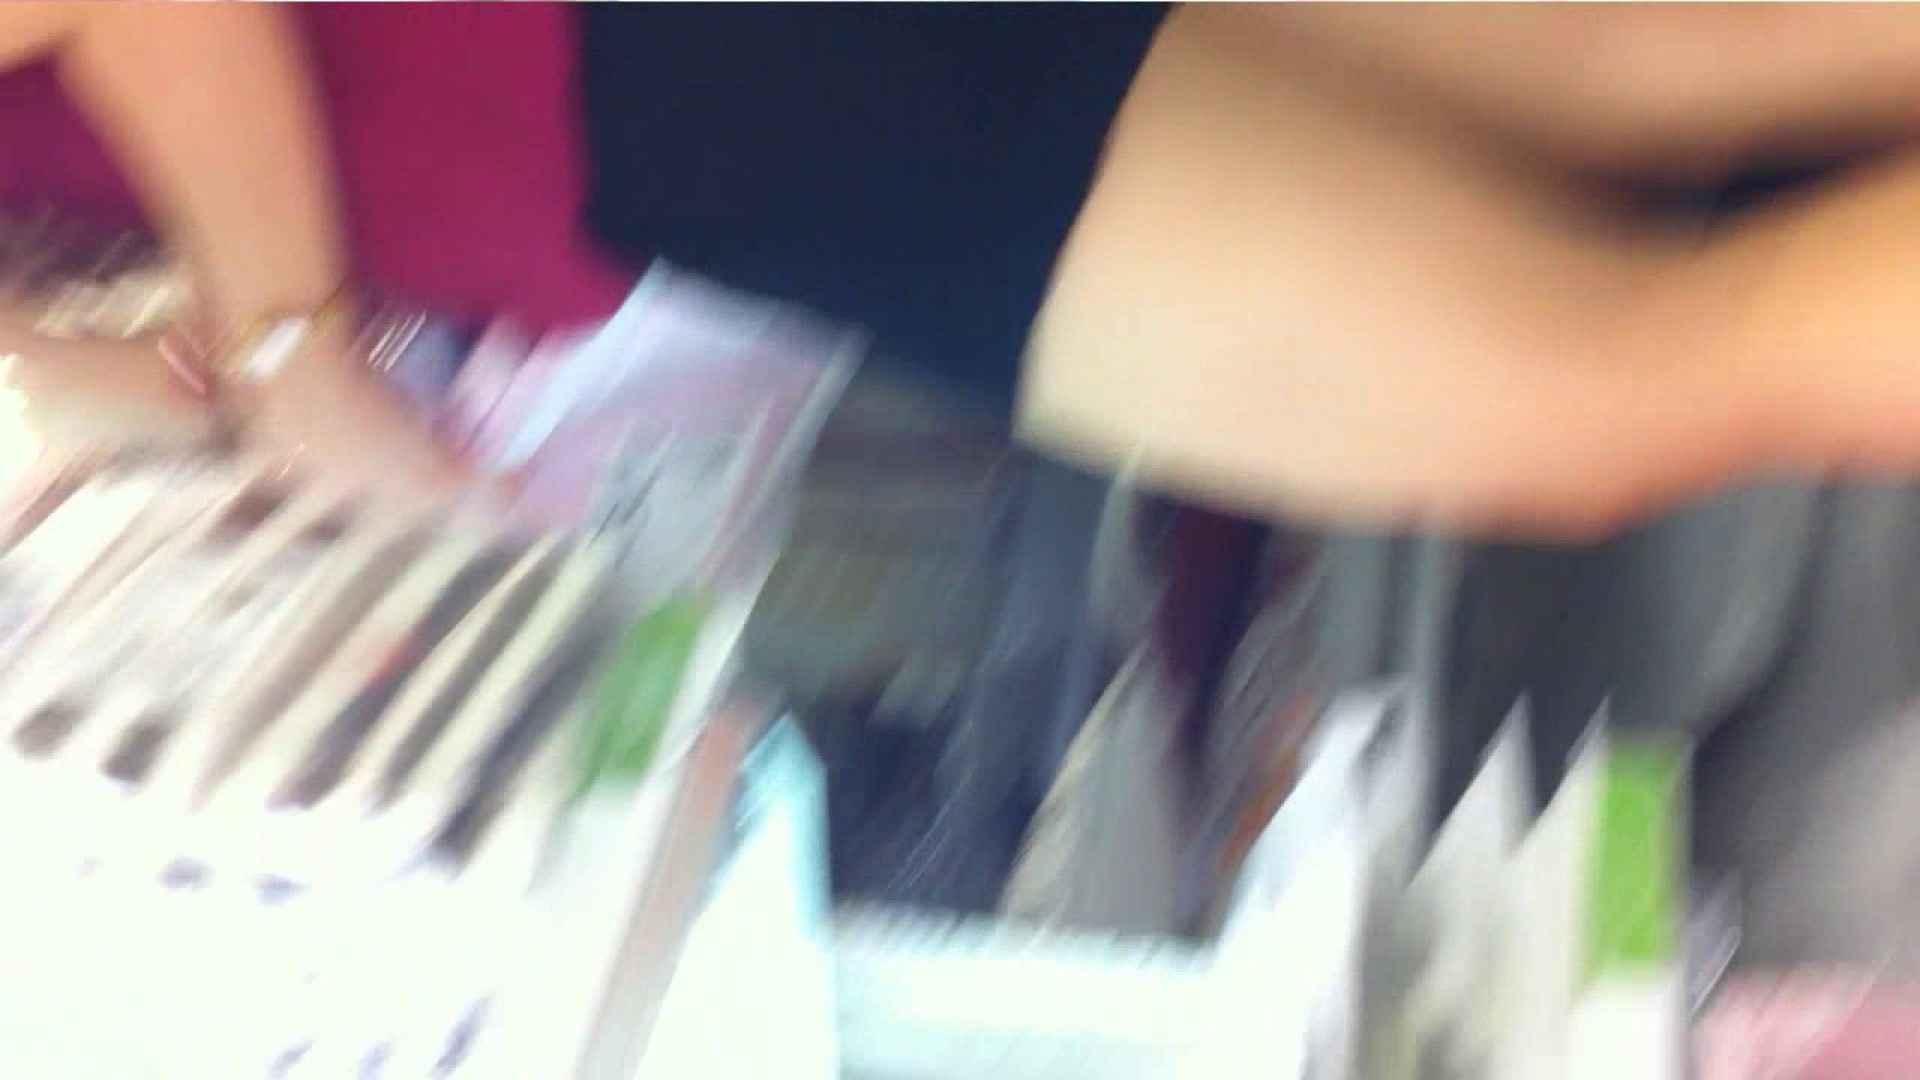 ヤリマンのオマンコ:vol.37 美人アパレル胸チラ&パンチラ 店員さん!谷間注意報発令中です!:のぞき本舗 中村屋